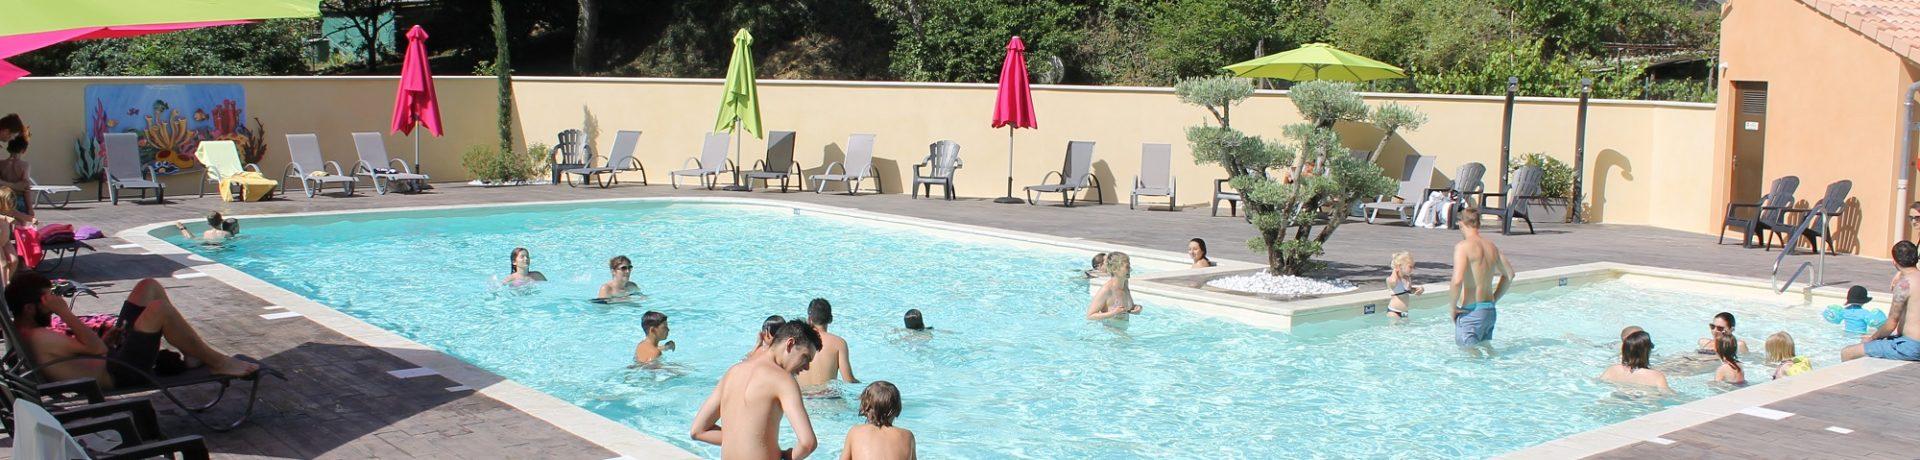 Camping de Retourtour is een rustige camping met een familiale sfeer in het hart van de Ardèche aan de voet van een oude kasteelruïne.